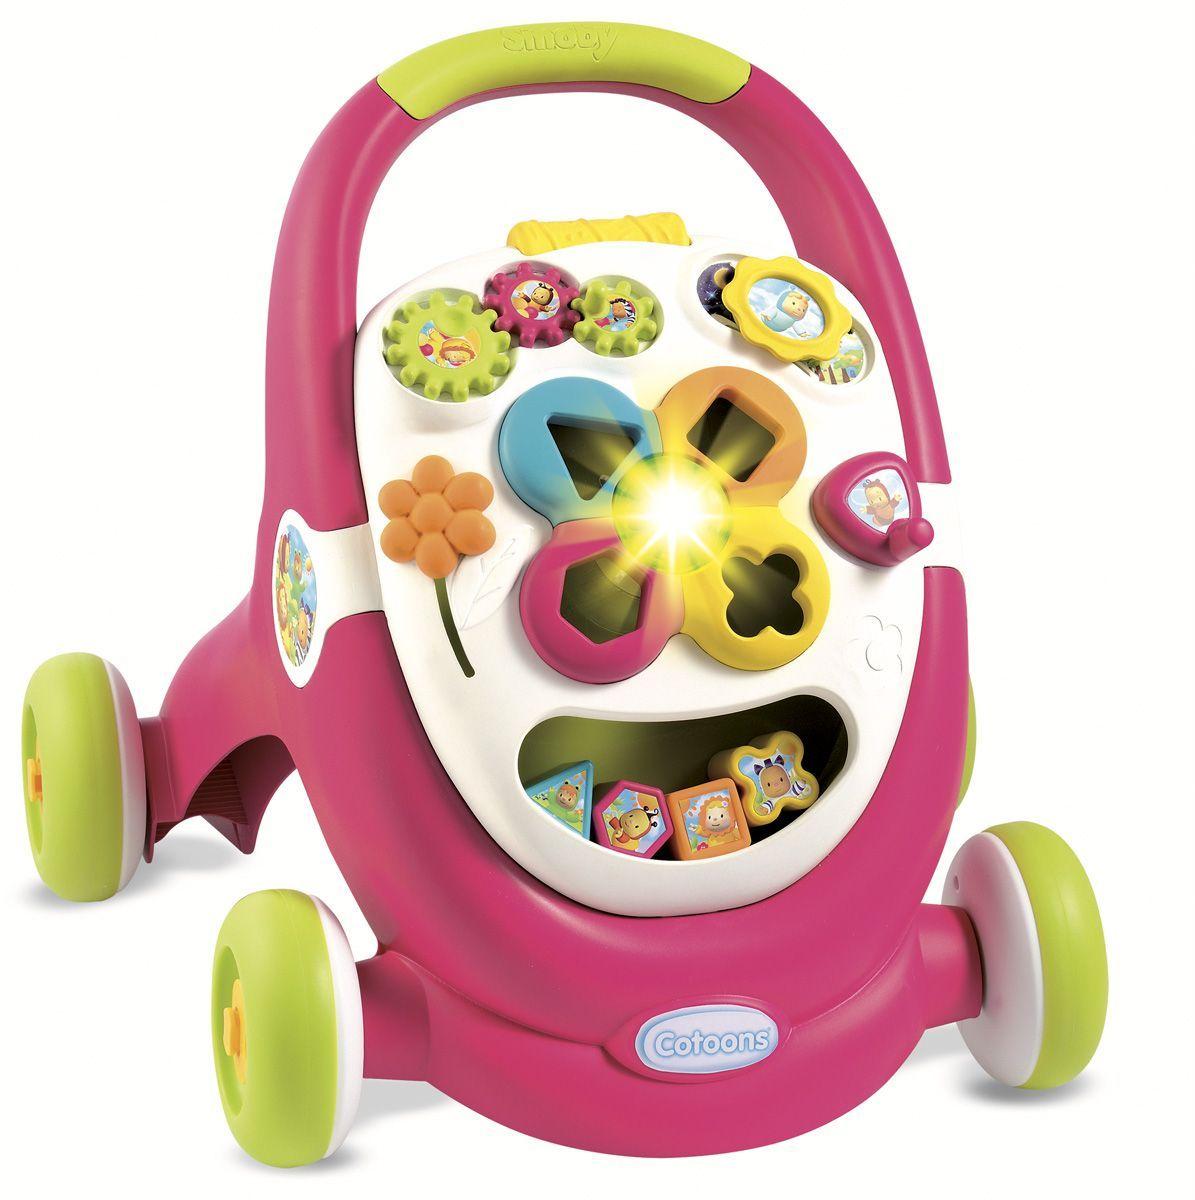 """Ходунки-каталка Smoby """"Cotoons"""" помогают малышам делать первые шаги безопасно. Колеса каталки блокируются, чтобы ребенок мог спокойно стоять или играться. Игровая панель оснащена световыми и звуковыми эффектами. Ходунки снабжены сортером, который помогает в изучении форм и цвета. Также на панели есть игровые шестеренки, цветочек и рычаг."""